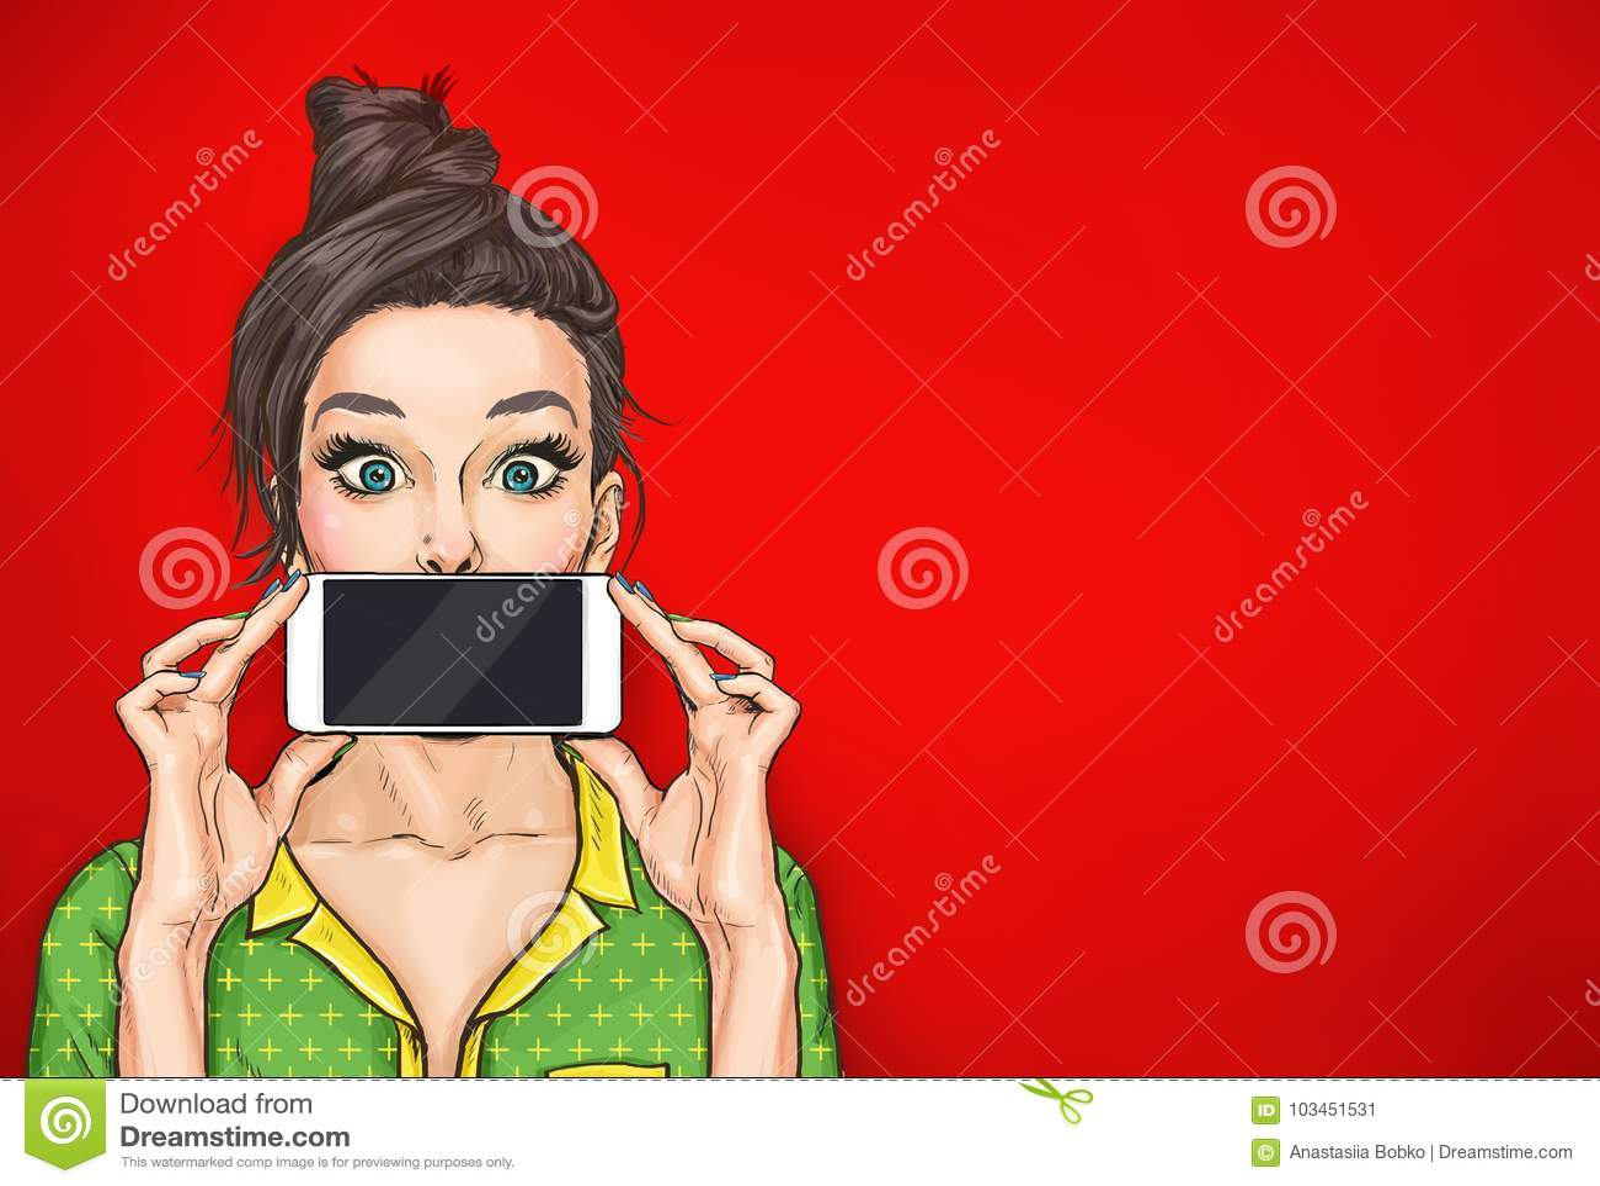 Fille avec le téléphone dans la main dans le style comique